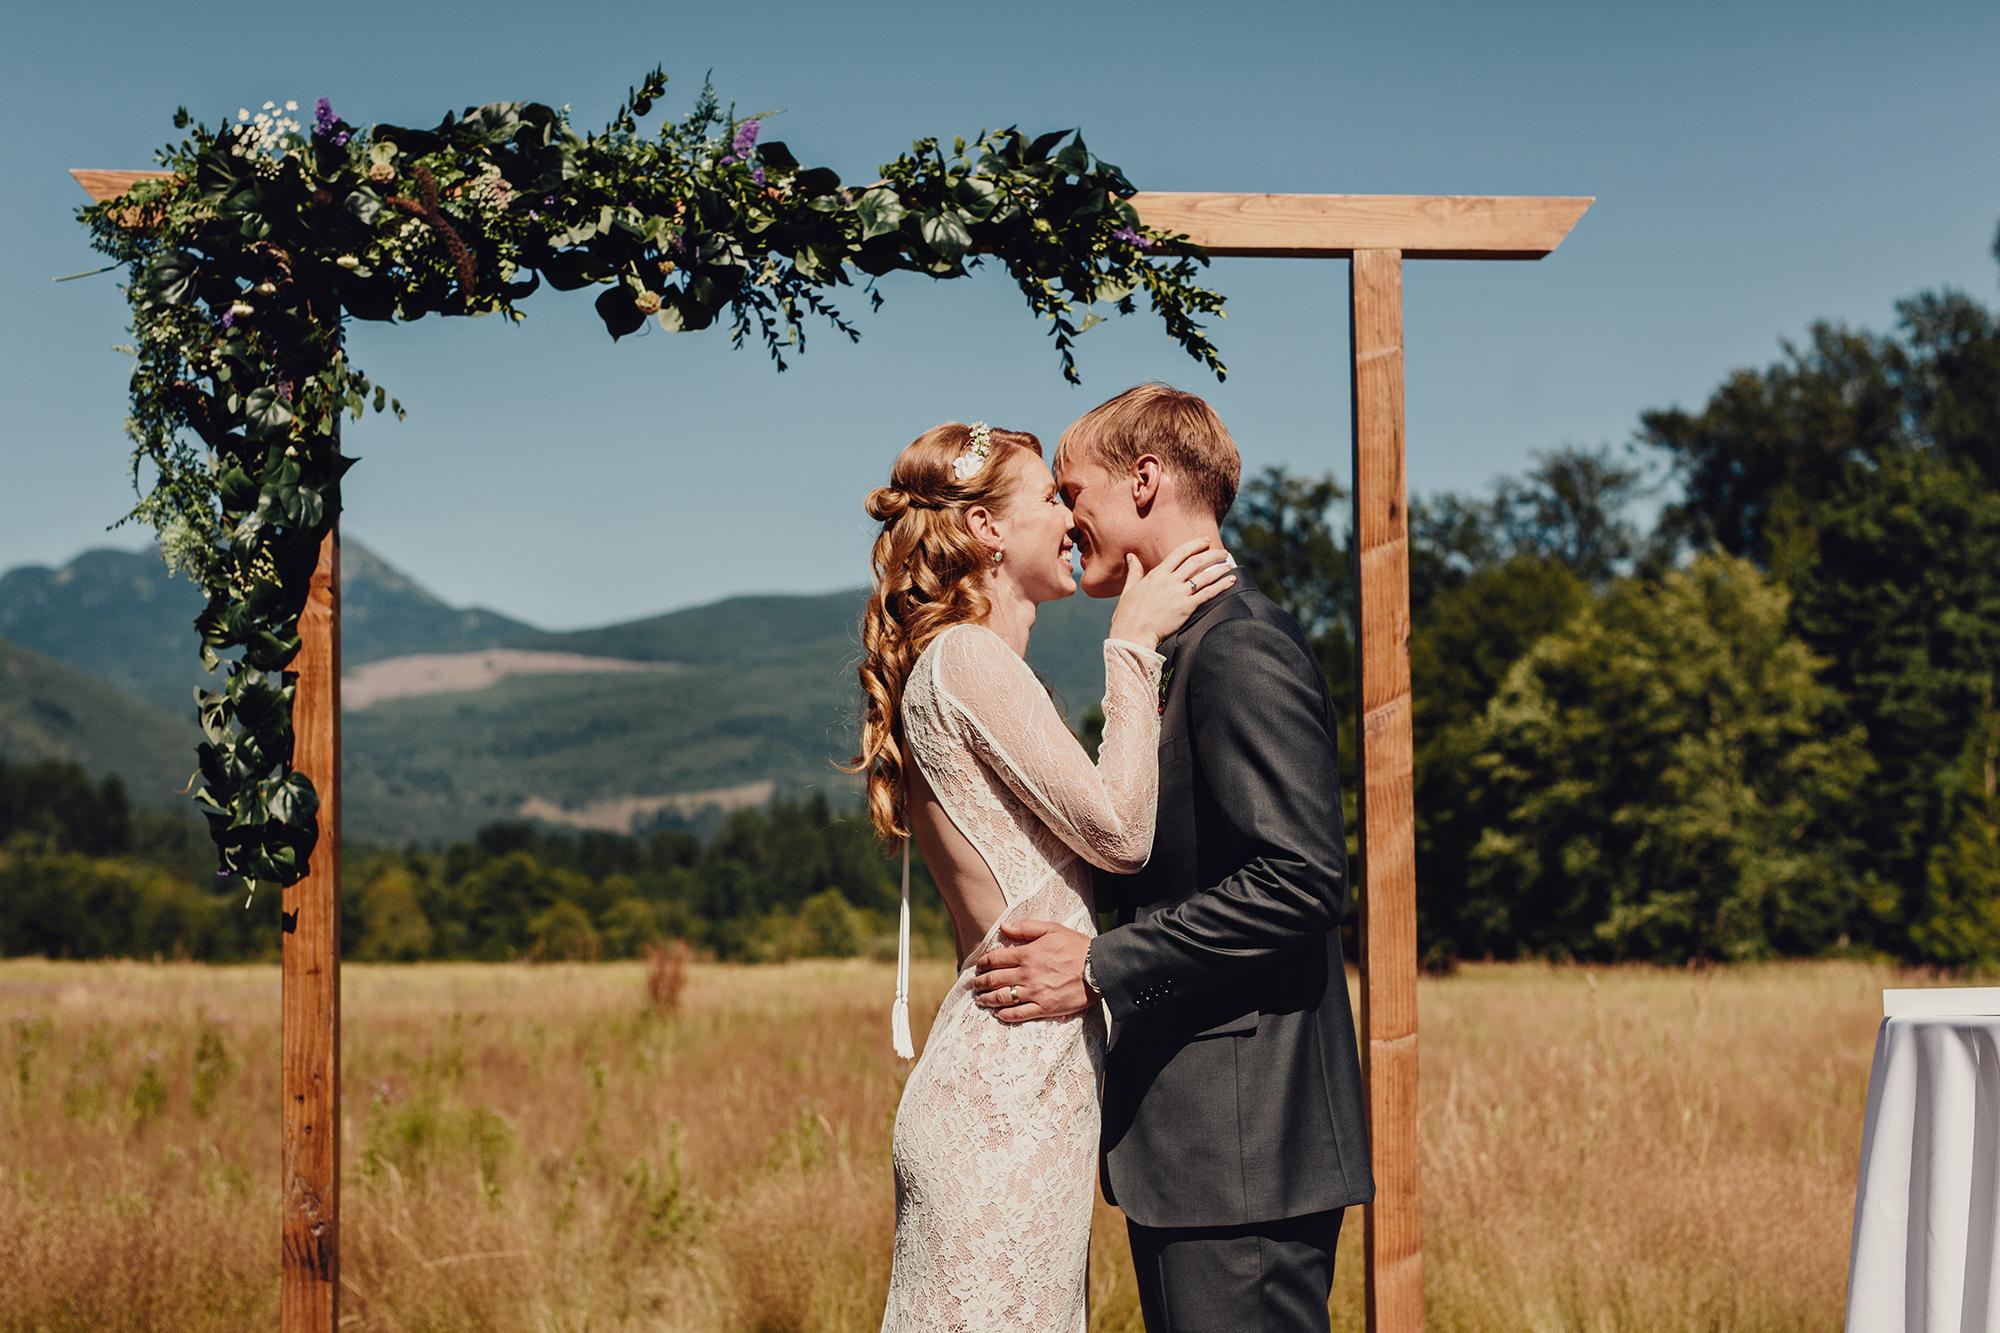 mountain-top-wedding-photos-0068.JPG